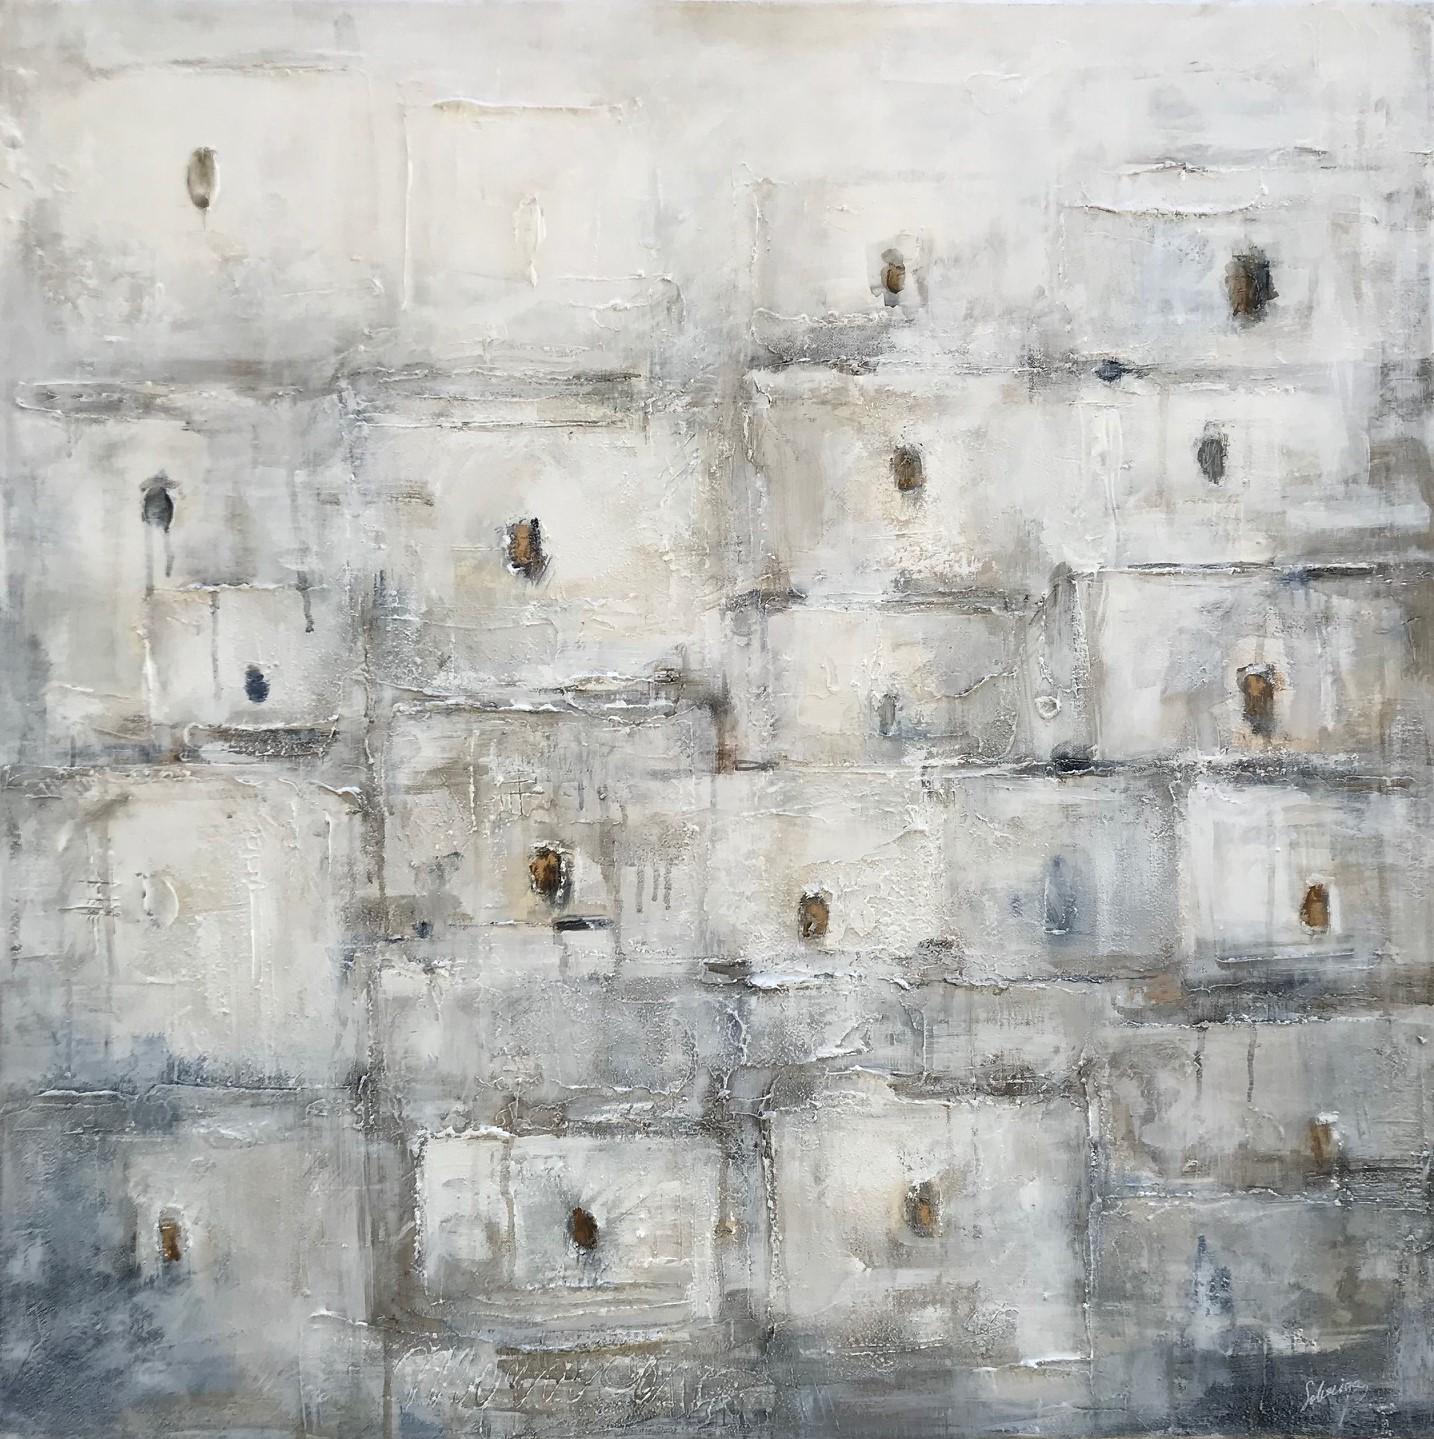 Take me to Morocoo (painting galerie art robert deniau mougins)